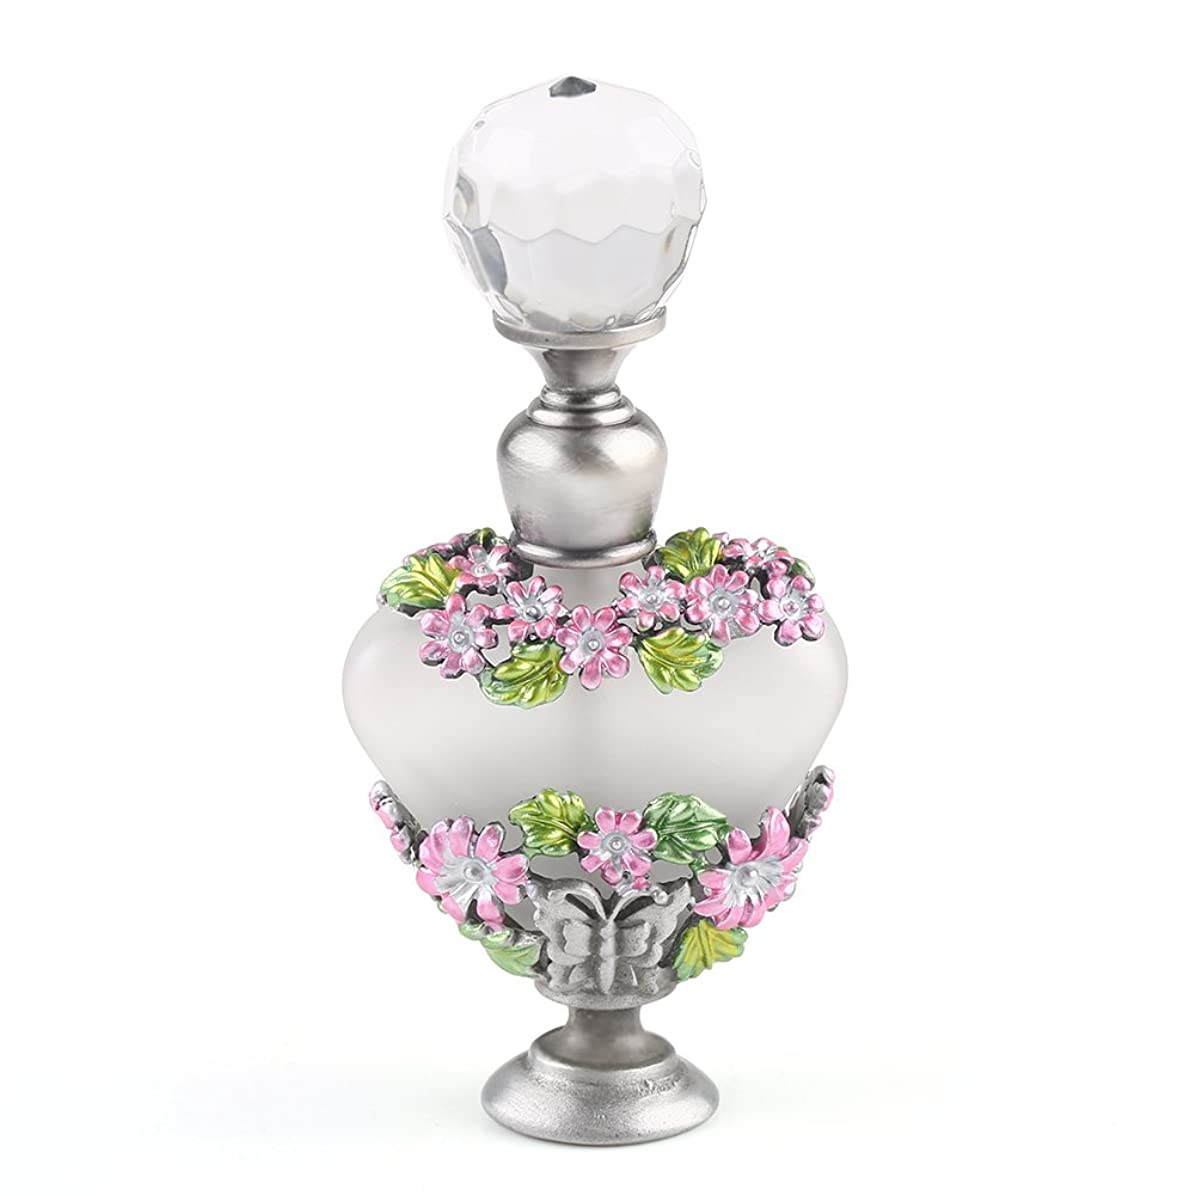 まあファーザーファージュ絶滅させるVERY100 高品質 美しい香水瓶/アロマボトル 5ML アロマオイル用瓶 綺麗アンティーク調 フラワーデザイン プレゼント 結婚式 飾り 58778